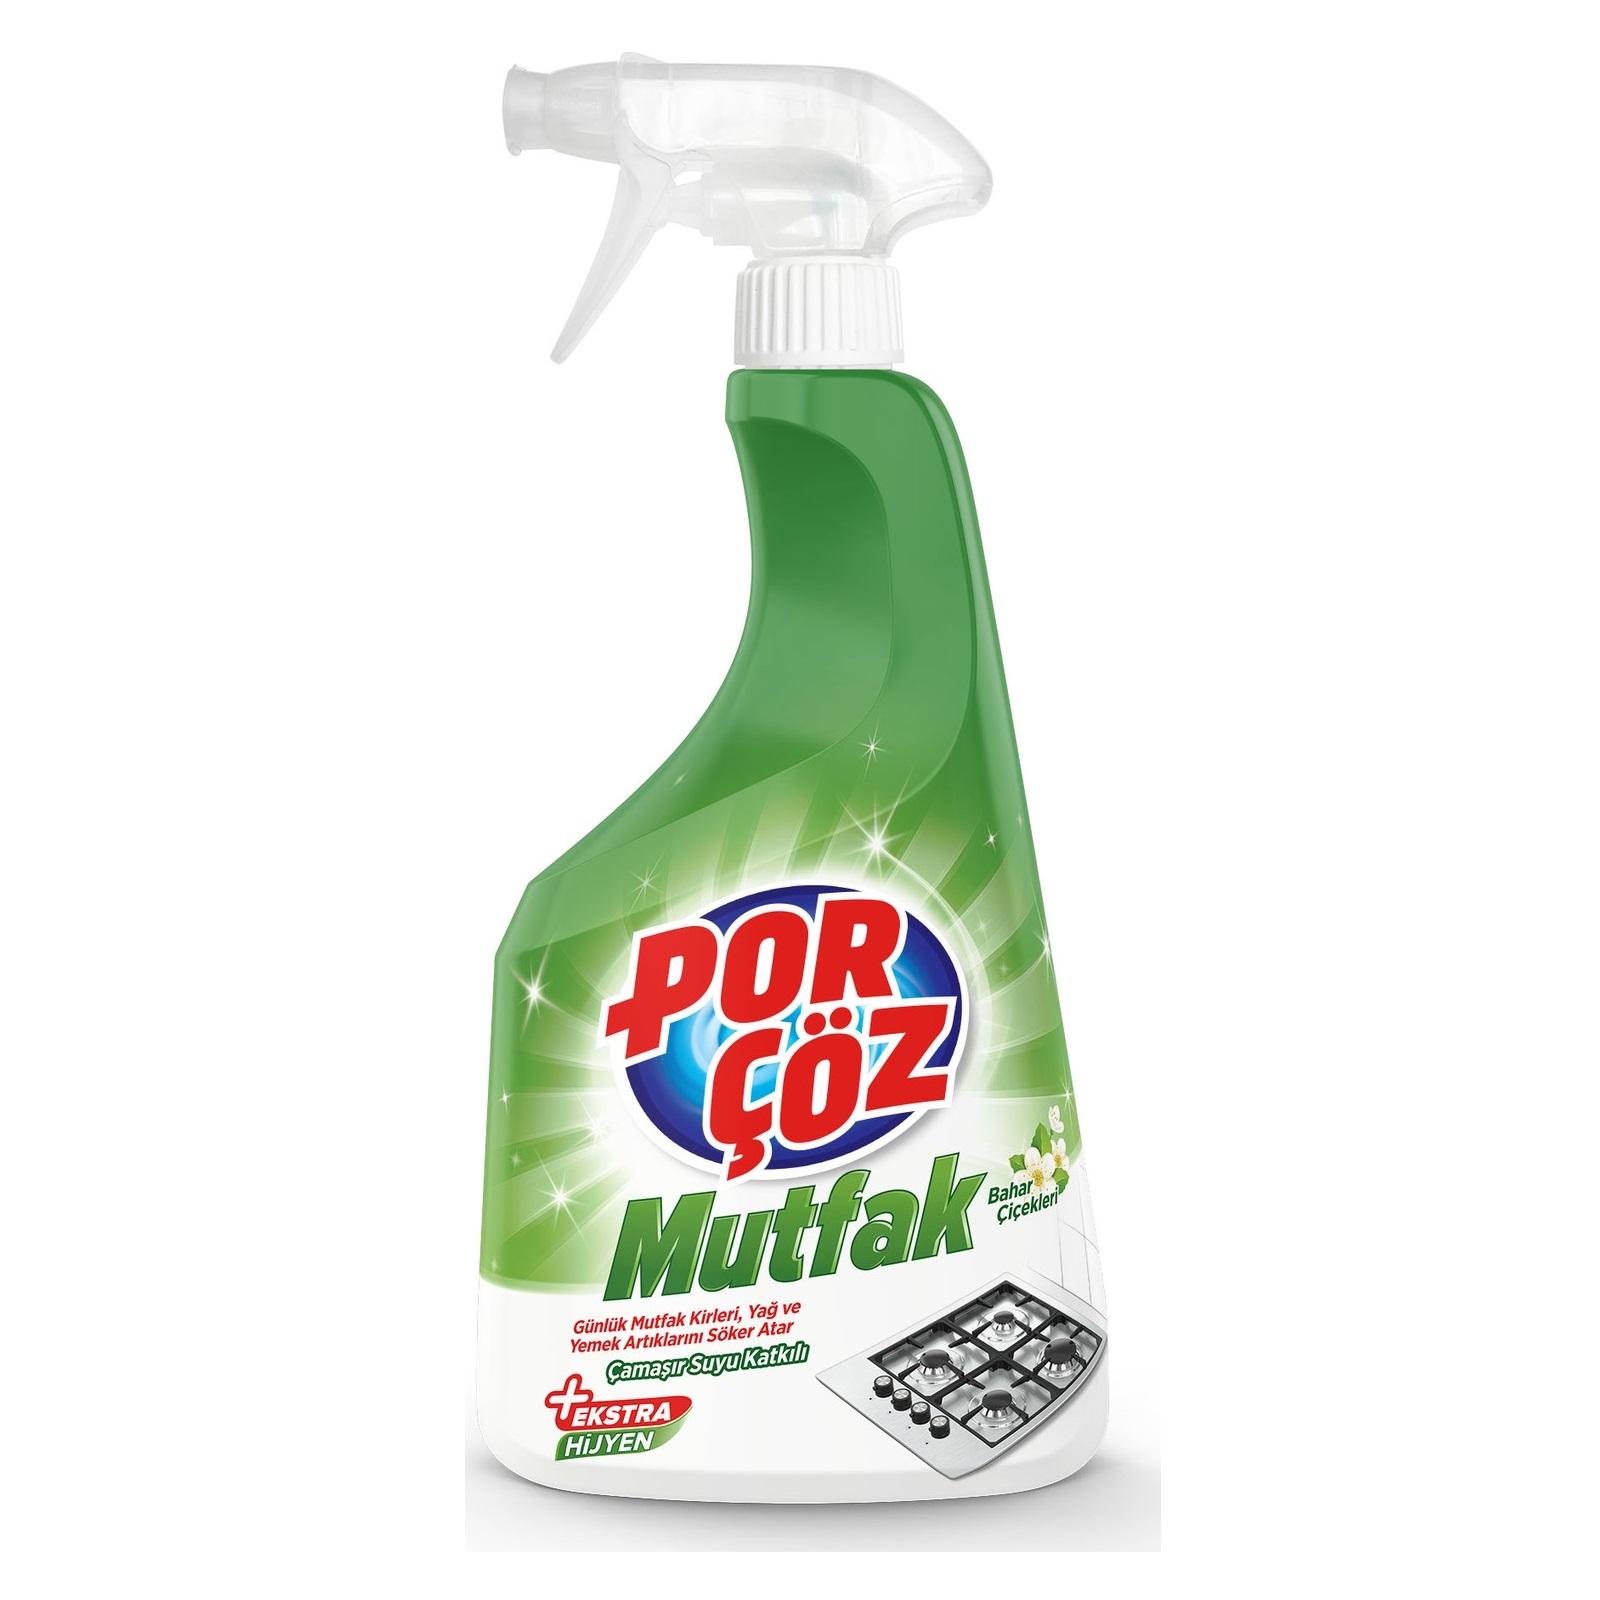 اسپری تمیز کننده سطوح آشپزخانه پورچوز 750 میلی لیتر